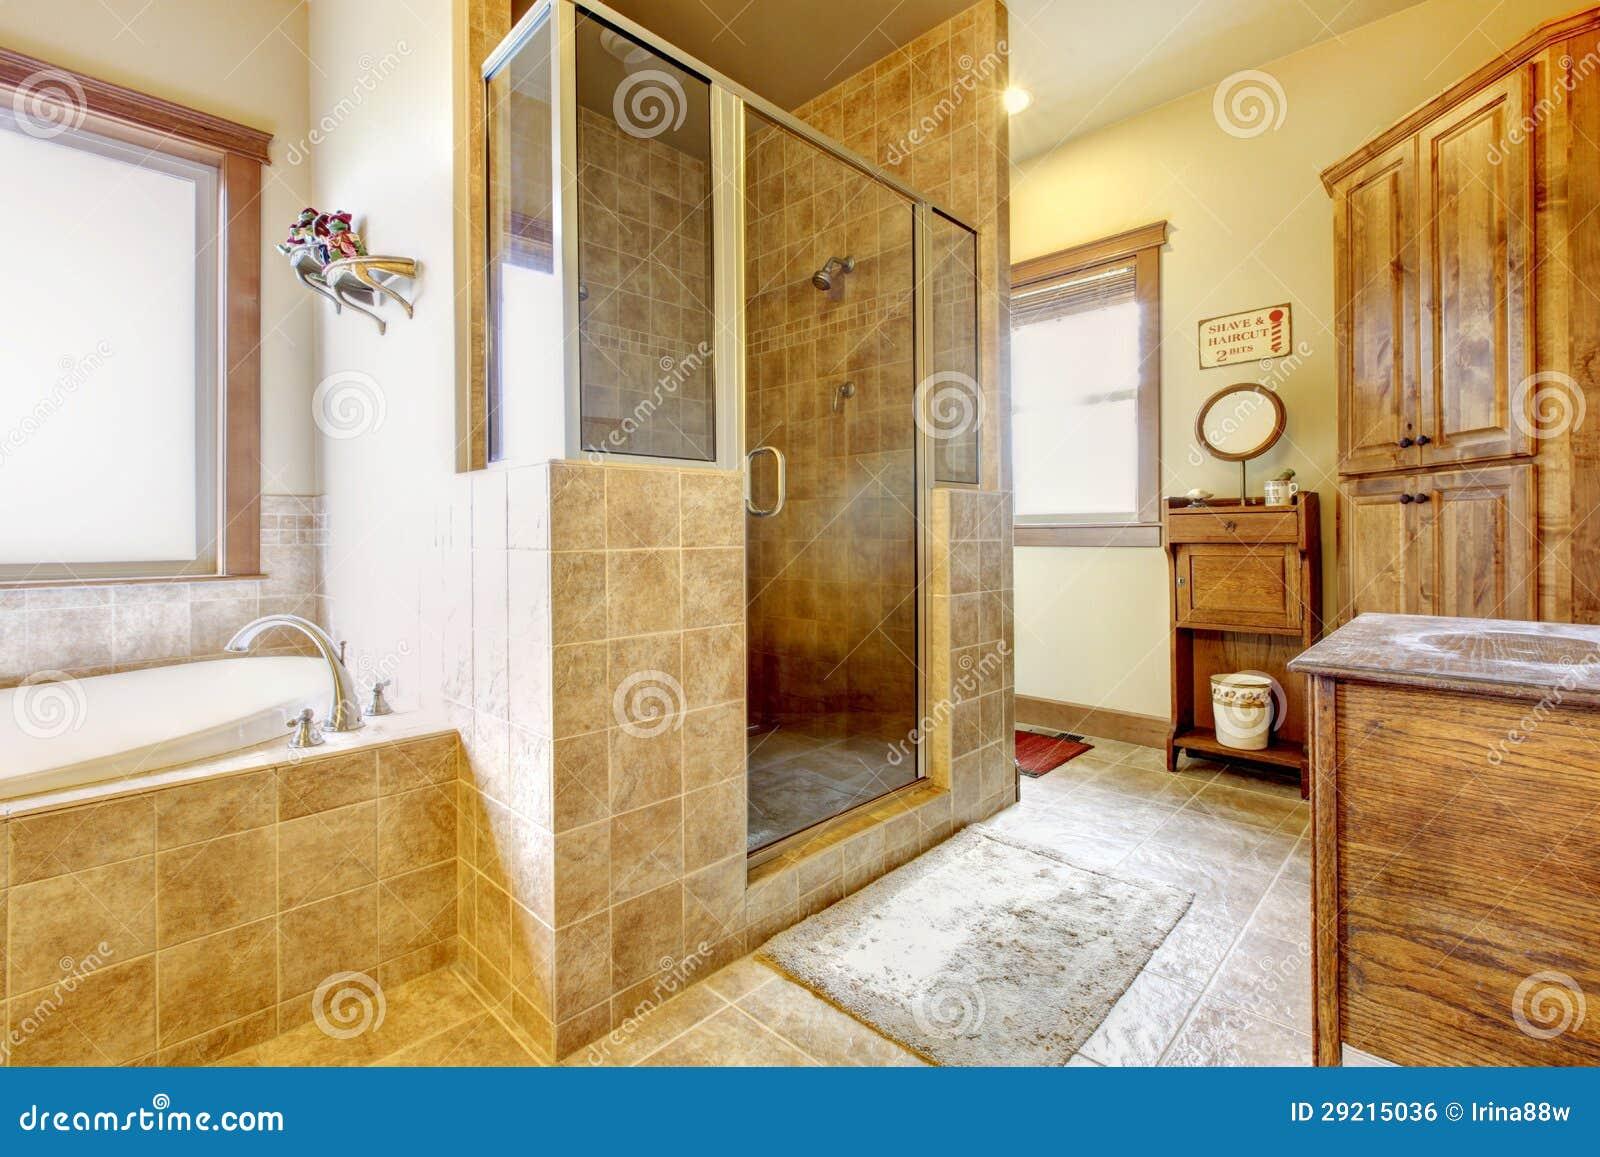 gro es badezimmer mit h lzernen m beln und nat rlichen. Black Bedroom Furniture Sets. Home Design Ideas